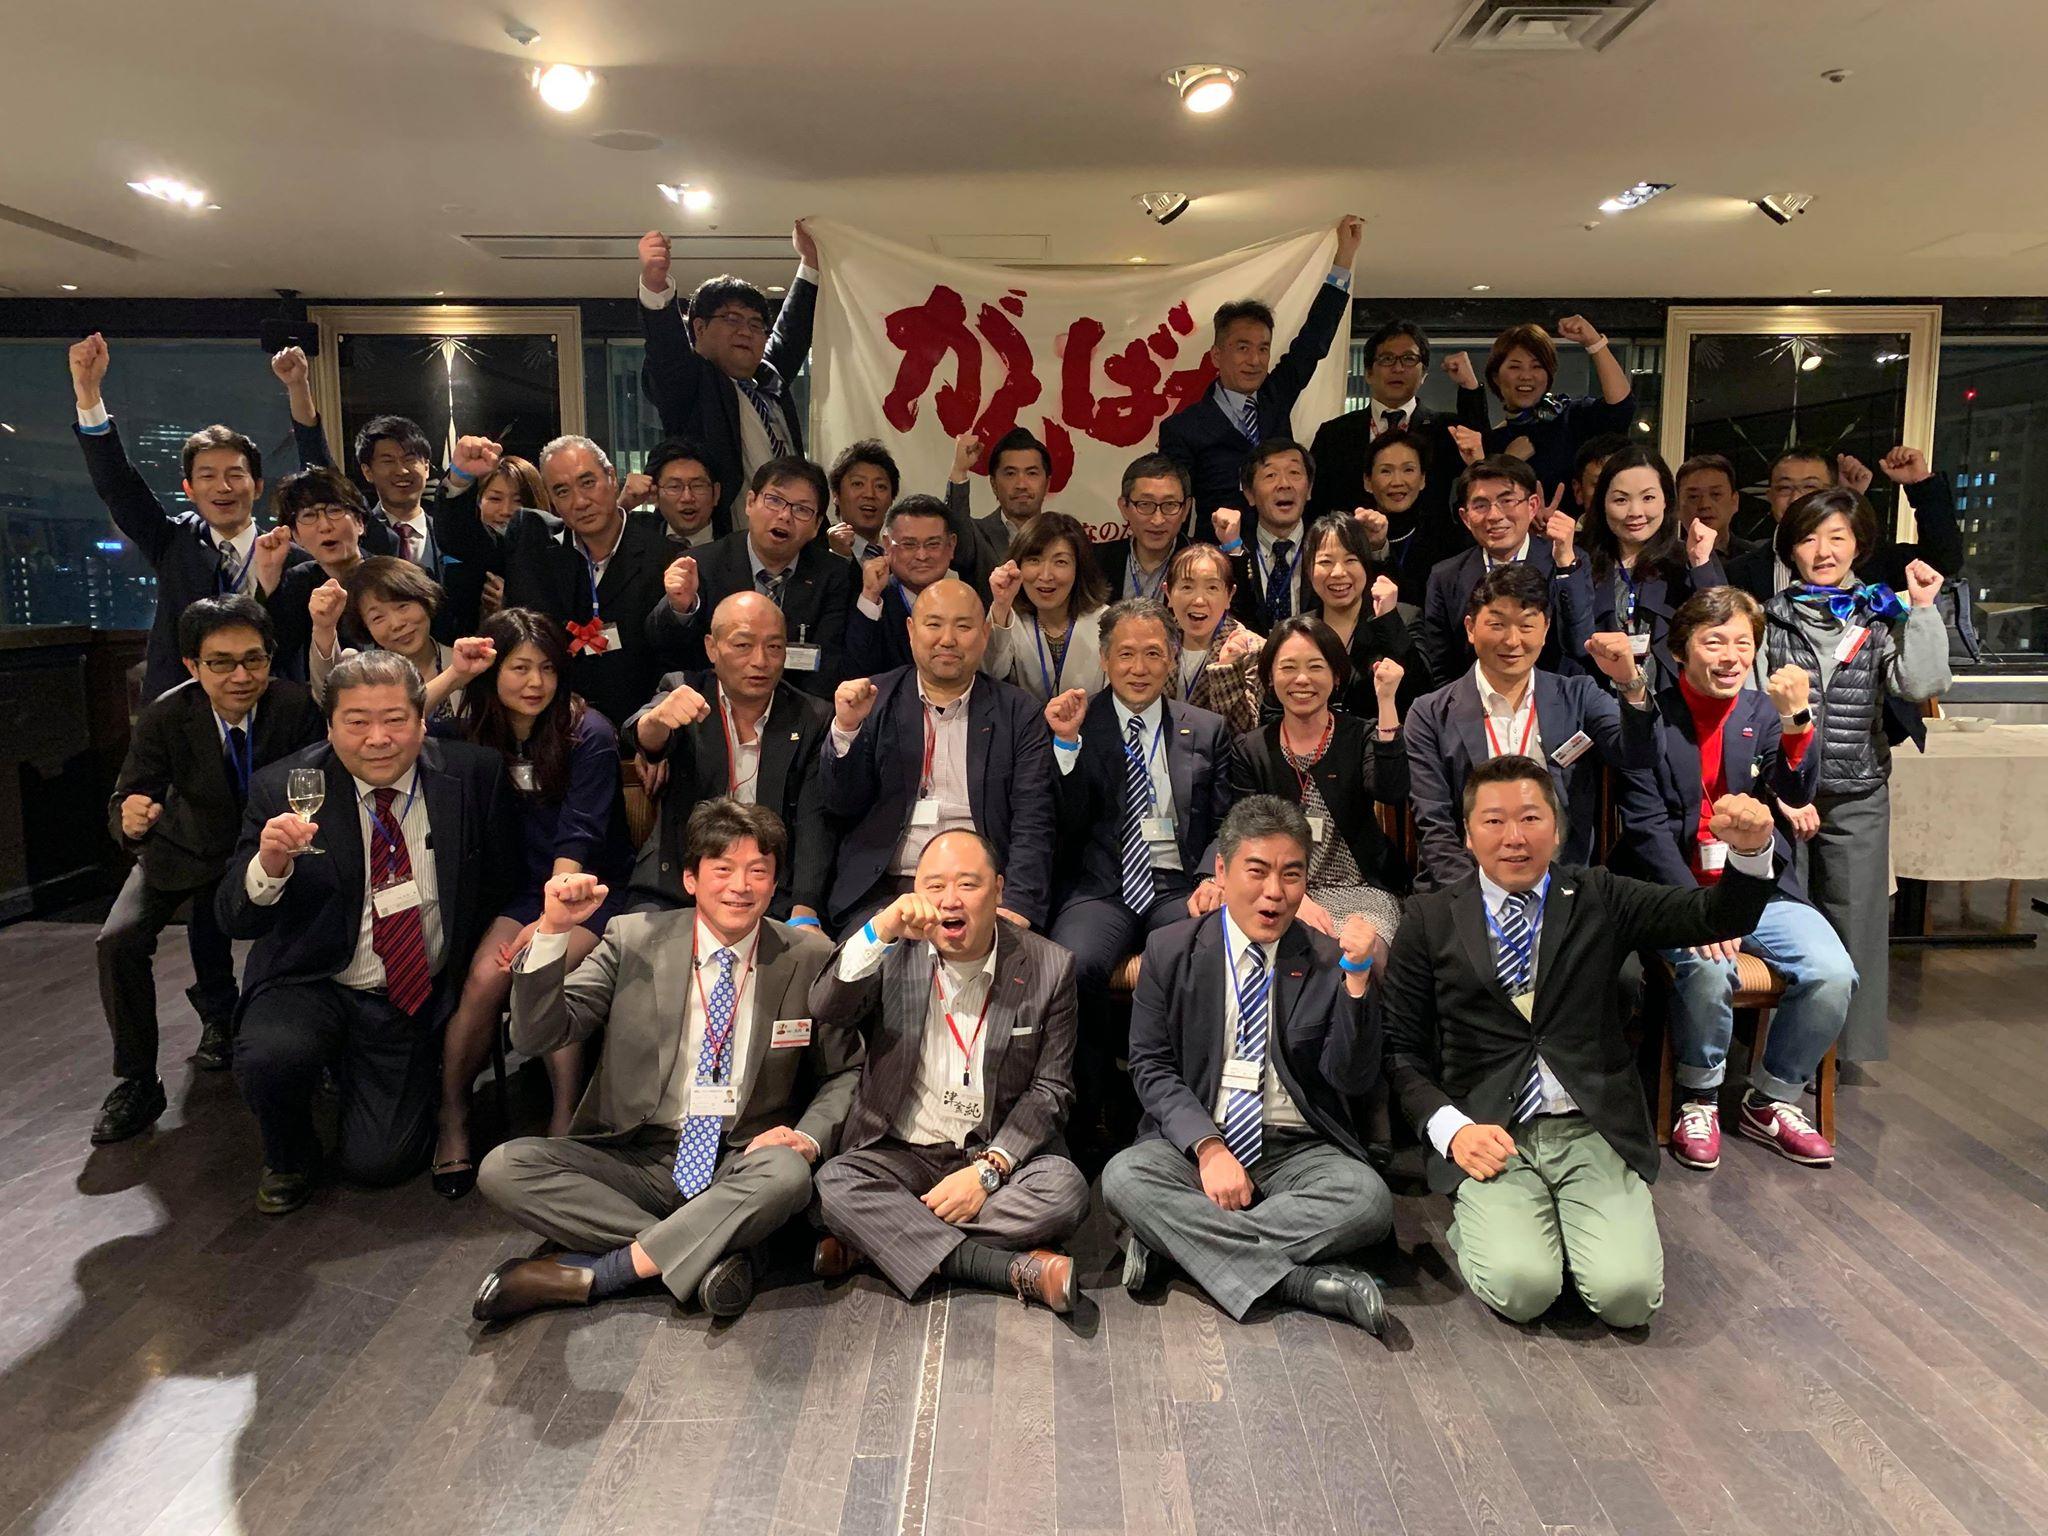 横浜交流会イベント・みなとみらい異業種交流会守成クラブイベント2019年4月